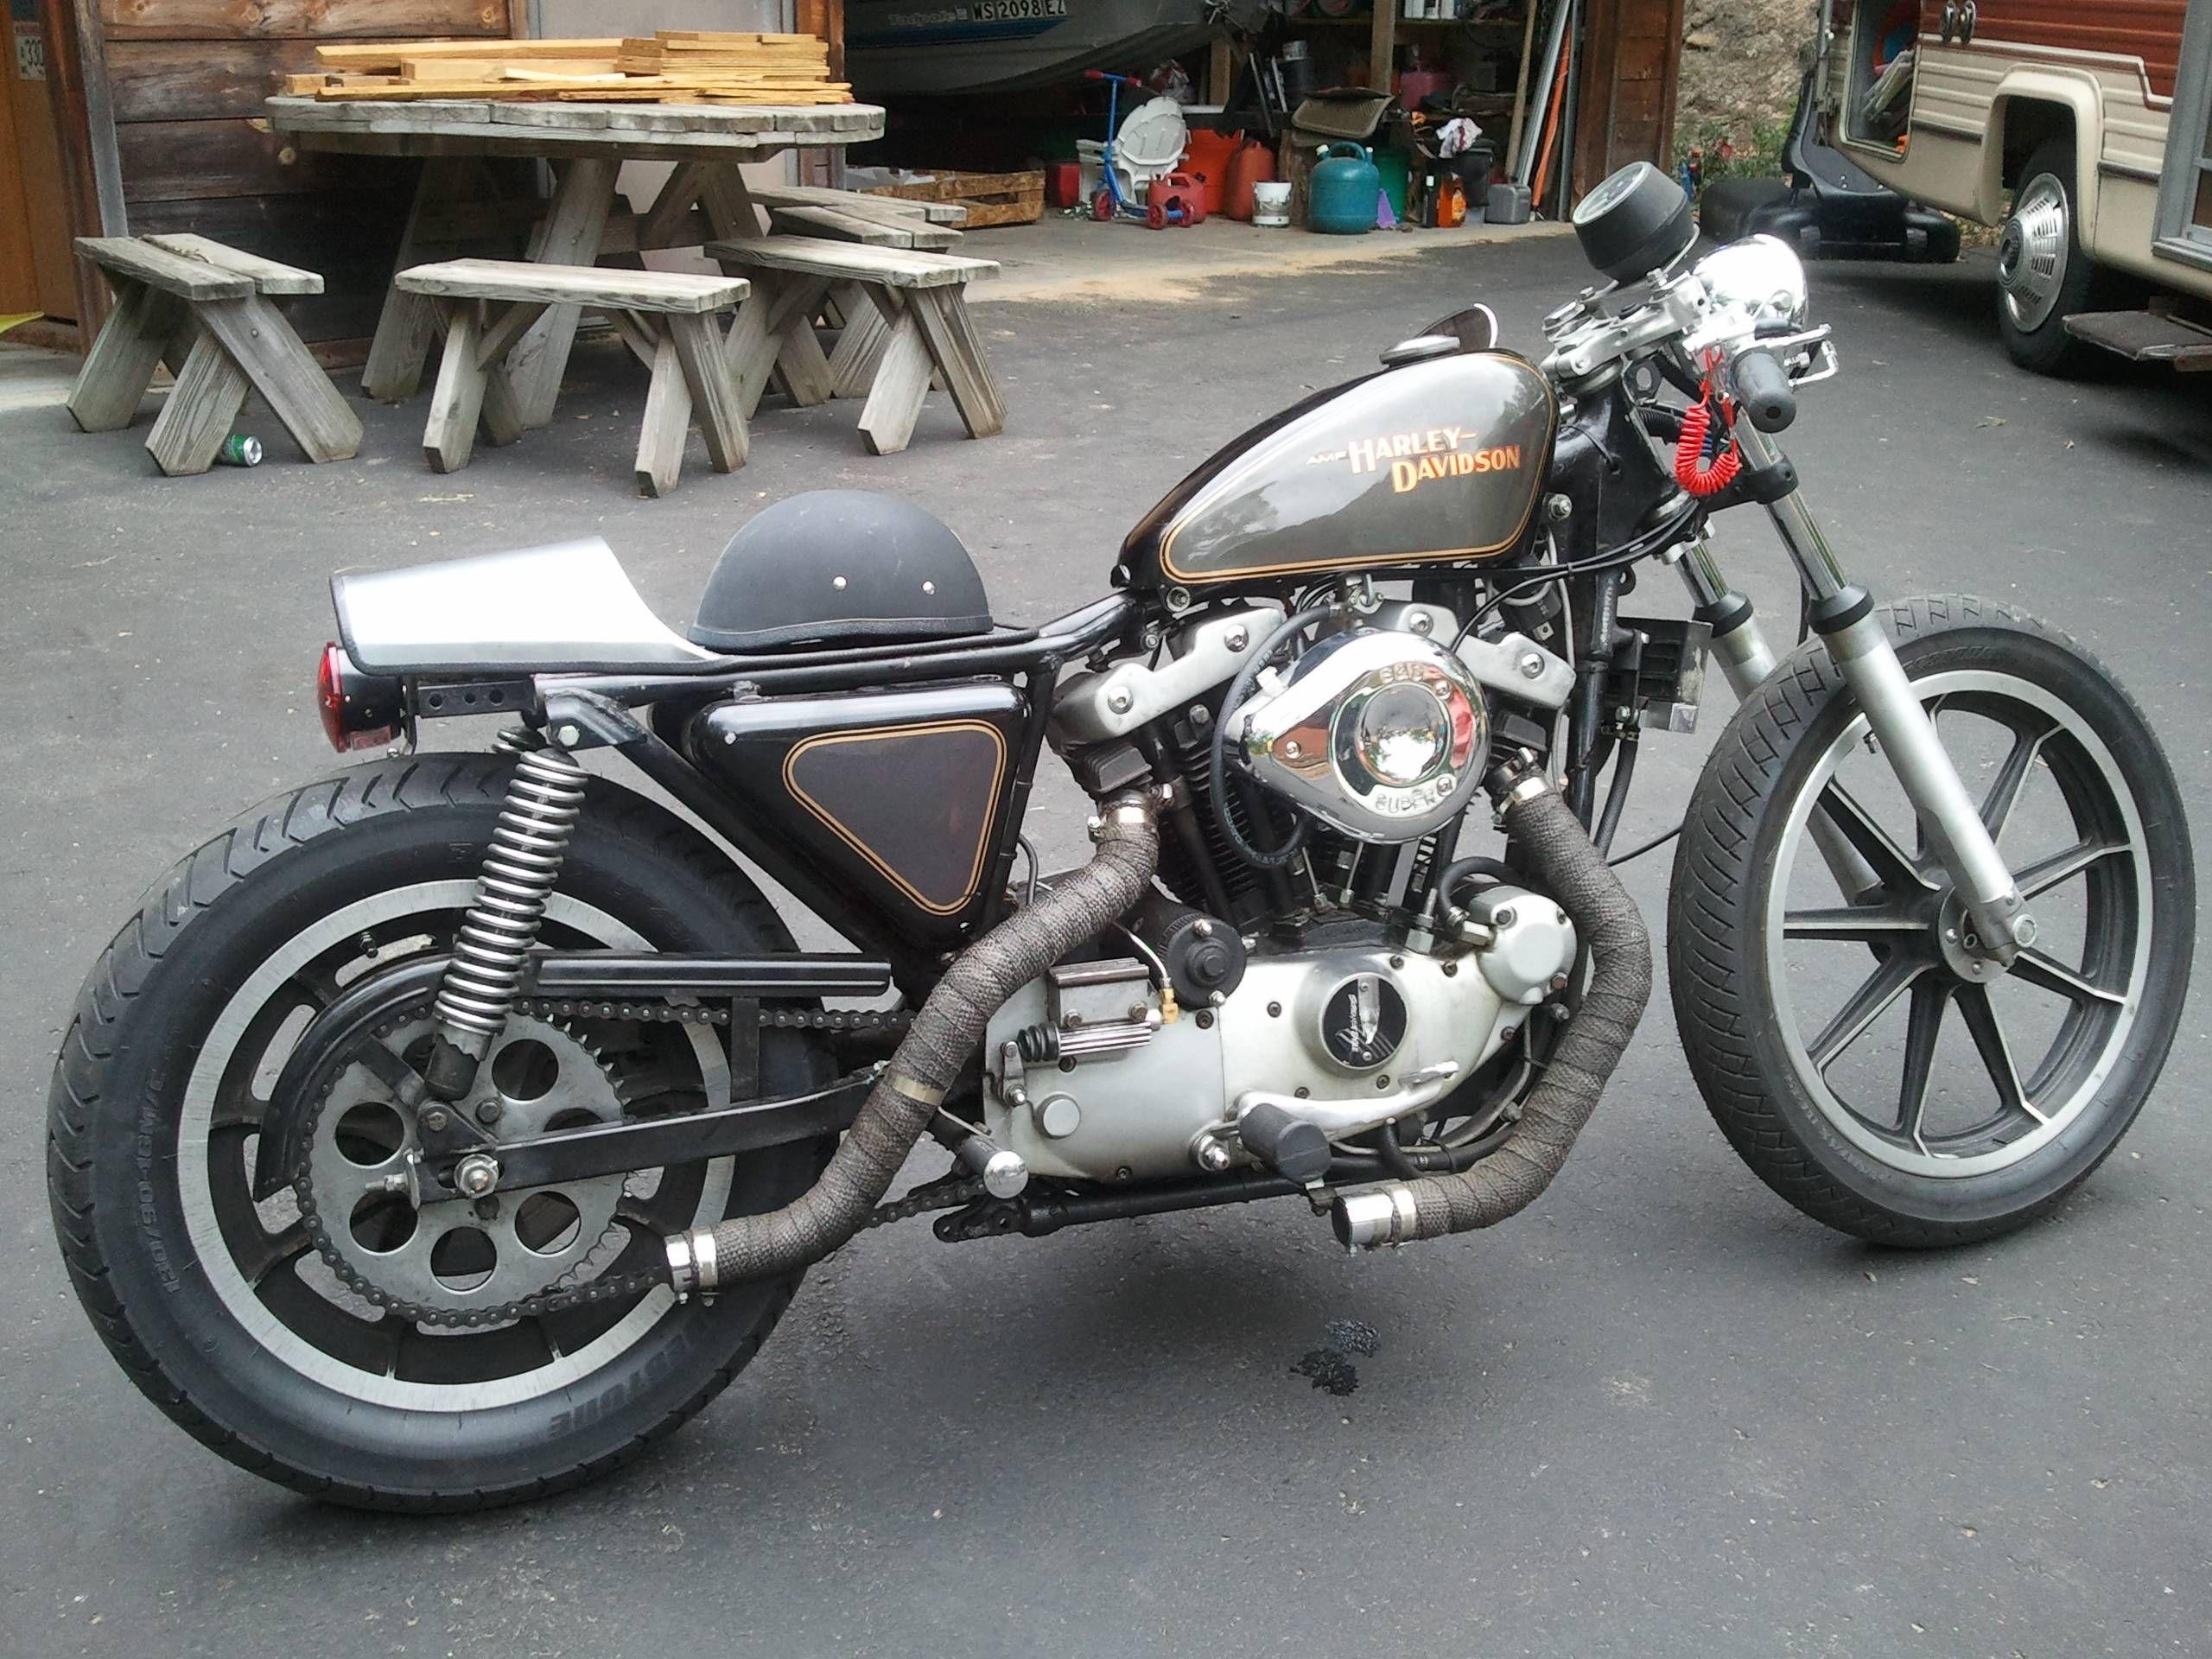 My Bike 79 Ironhead